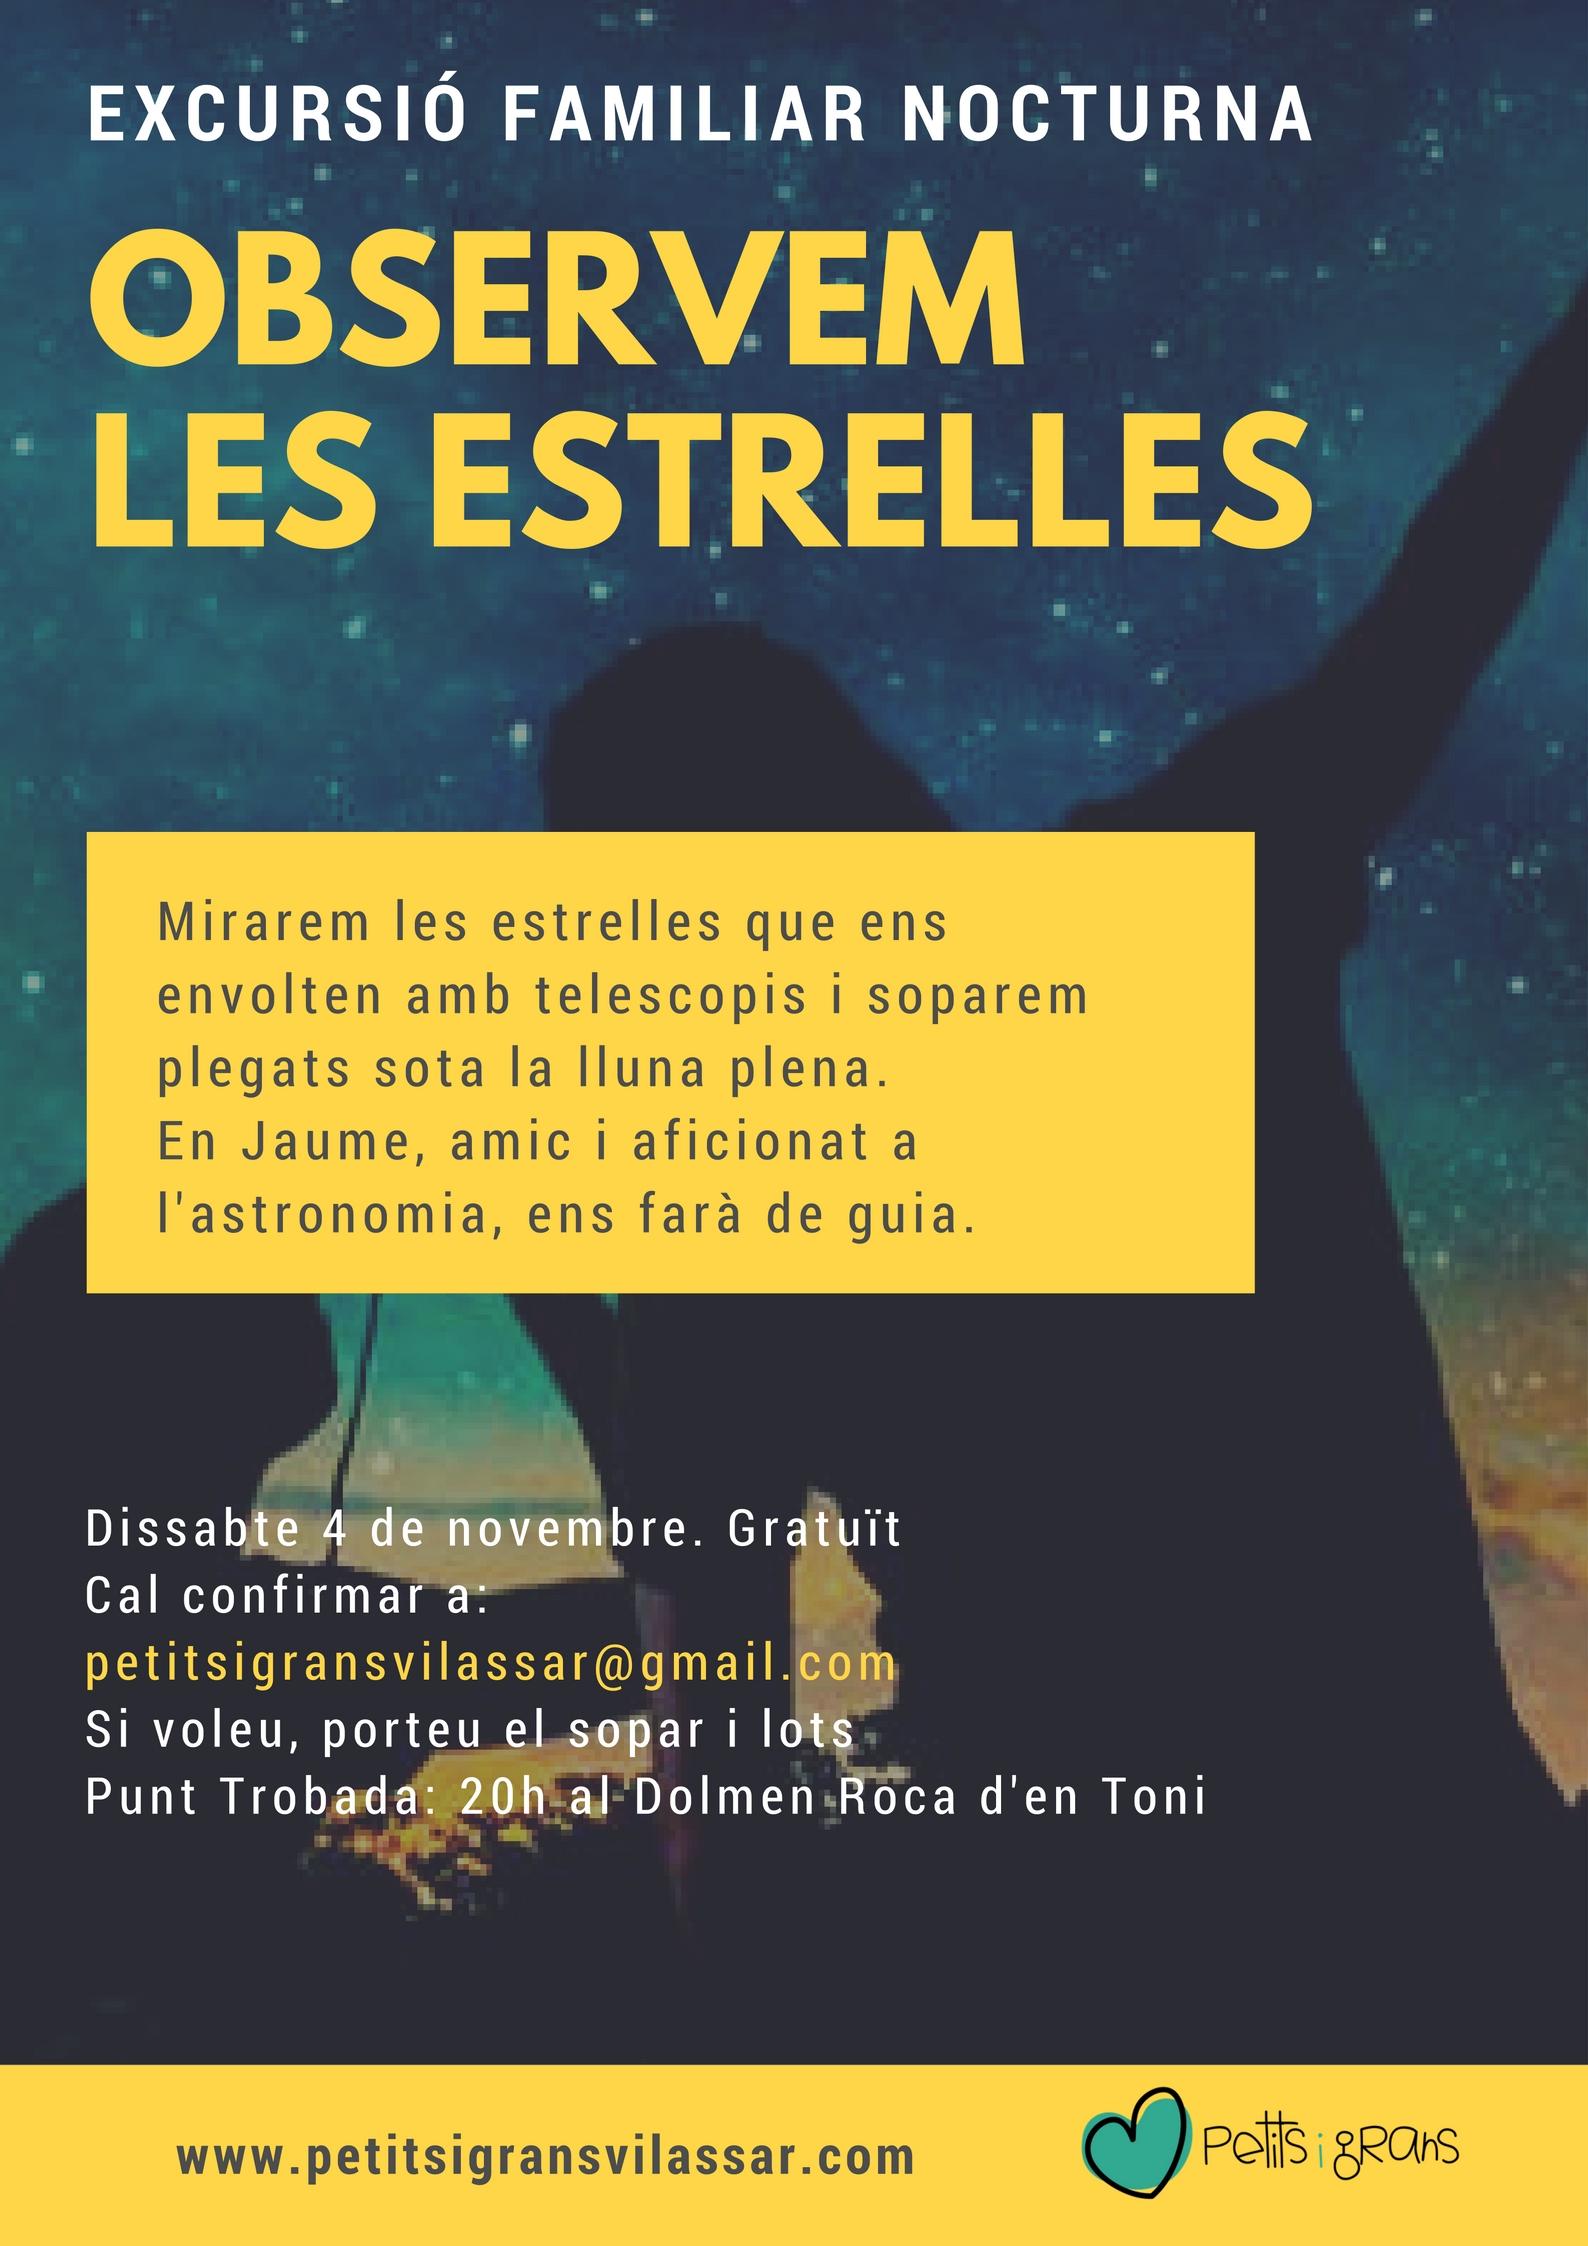 EXCURSIÓ NOCTURNA ESTRELLES